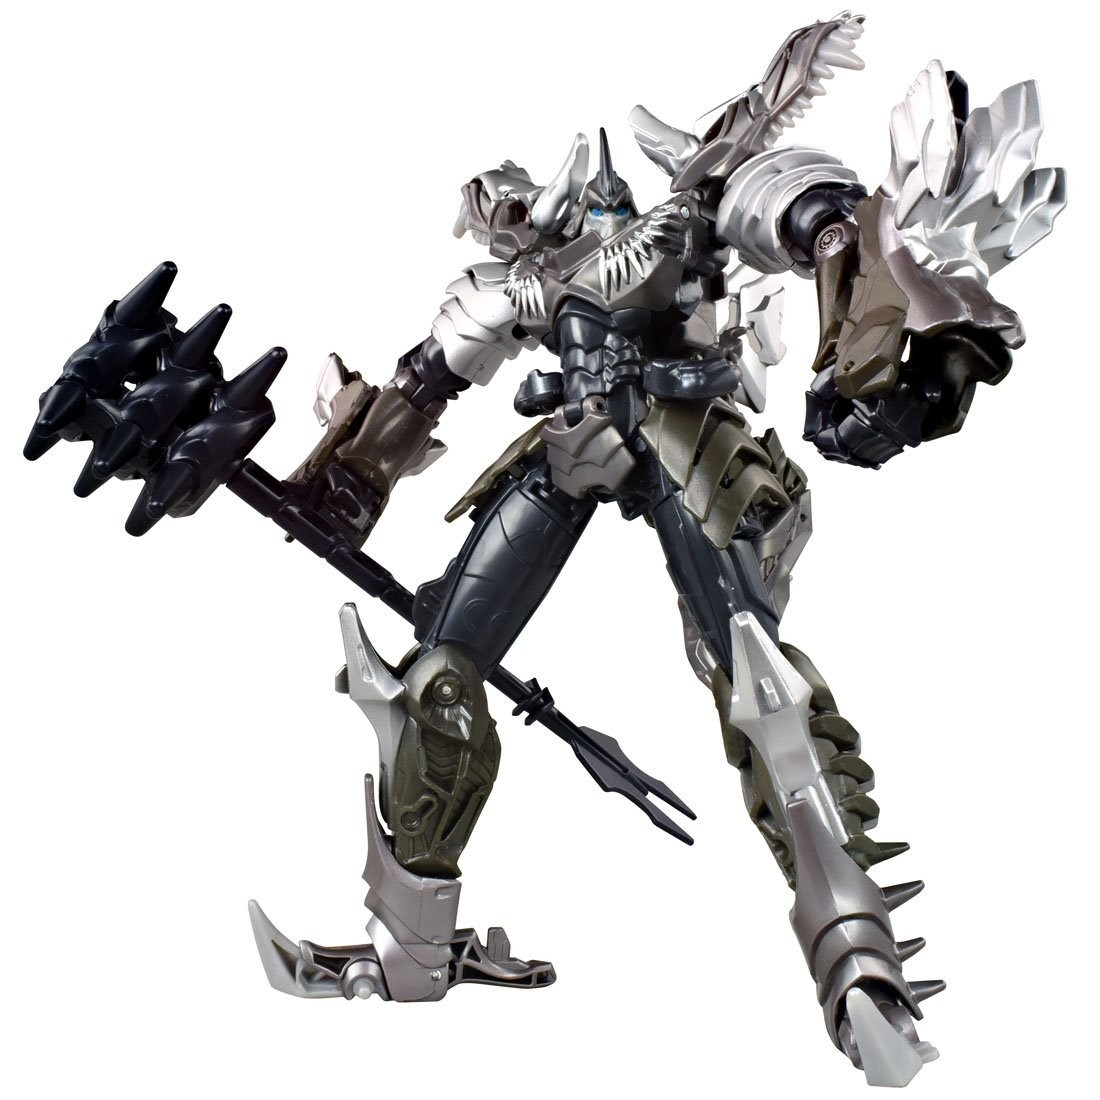 タカラトミー トランスフォーマー 最後の騎士王 TLK-05 グリムロックの商品画像 ナビ